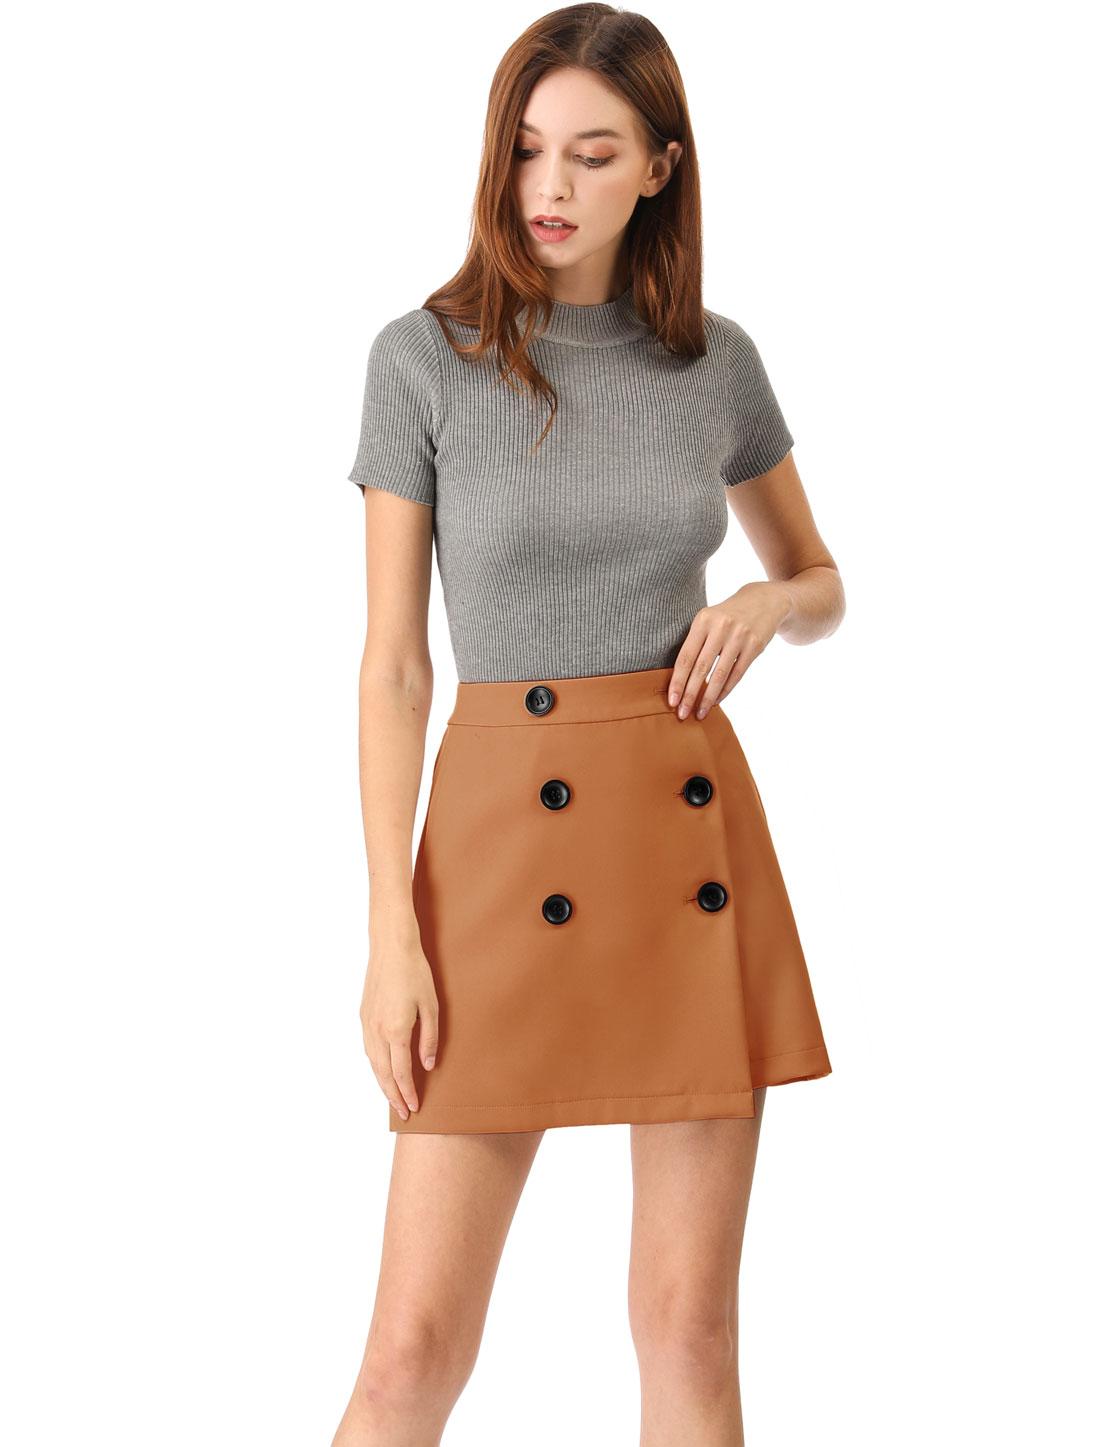 Women's High Waist A-line Above Knee Button Up Skirt Brown L